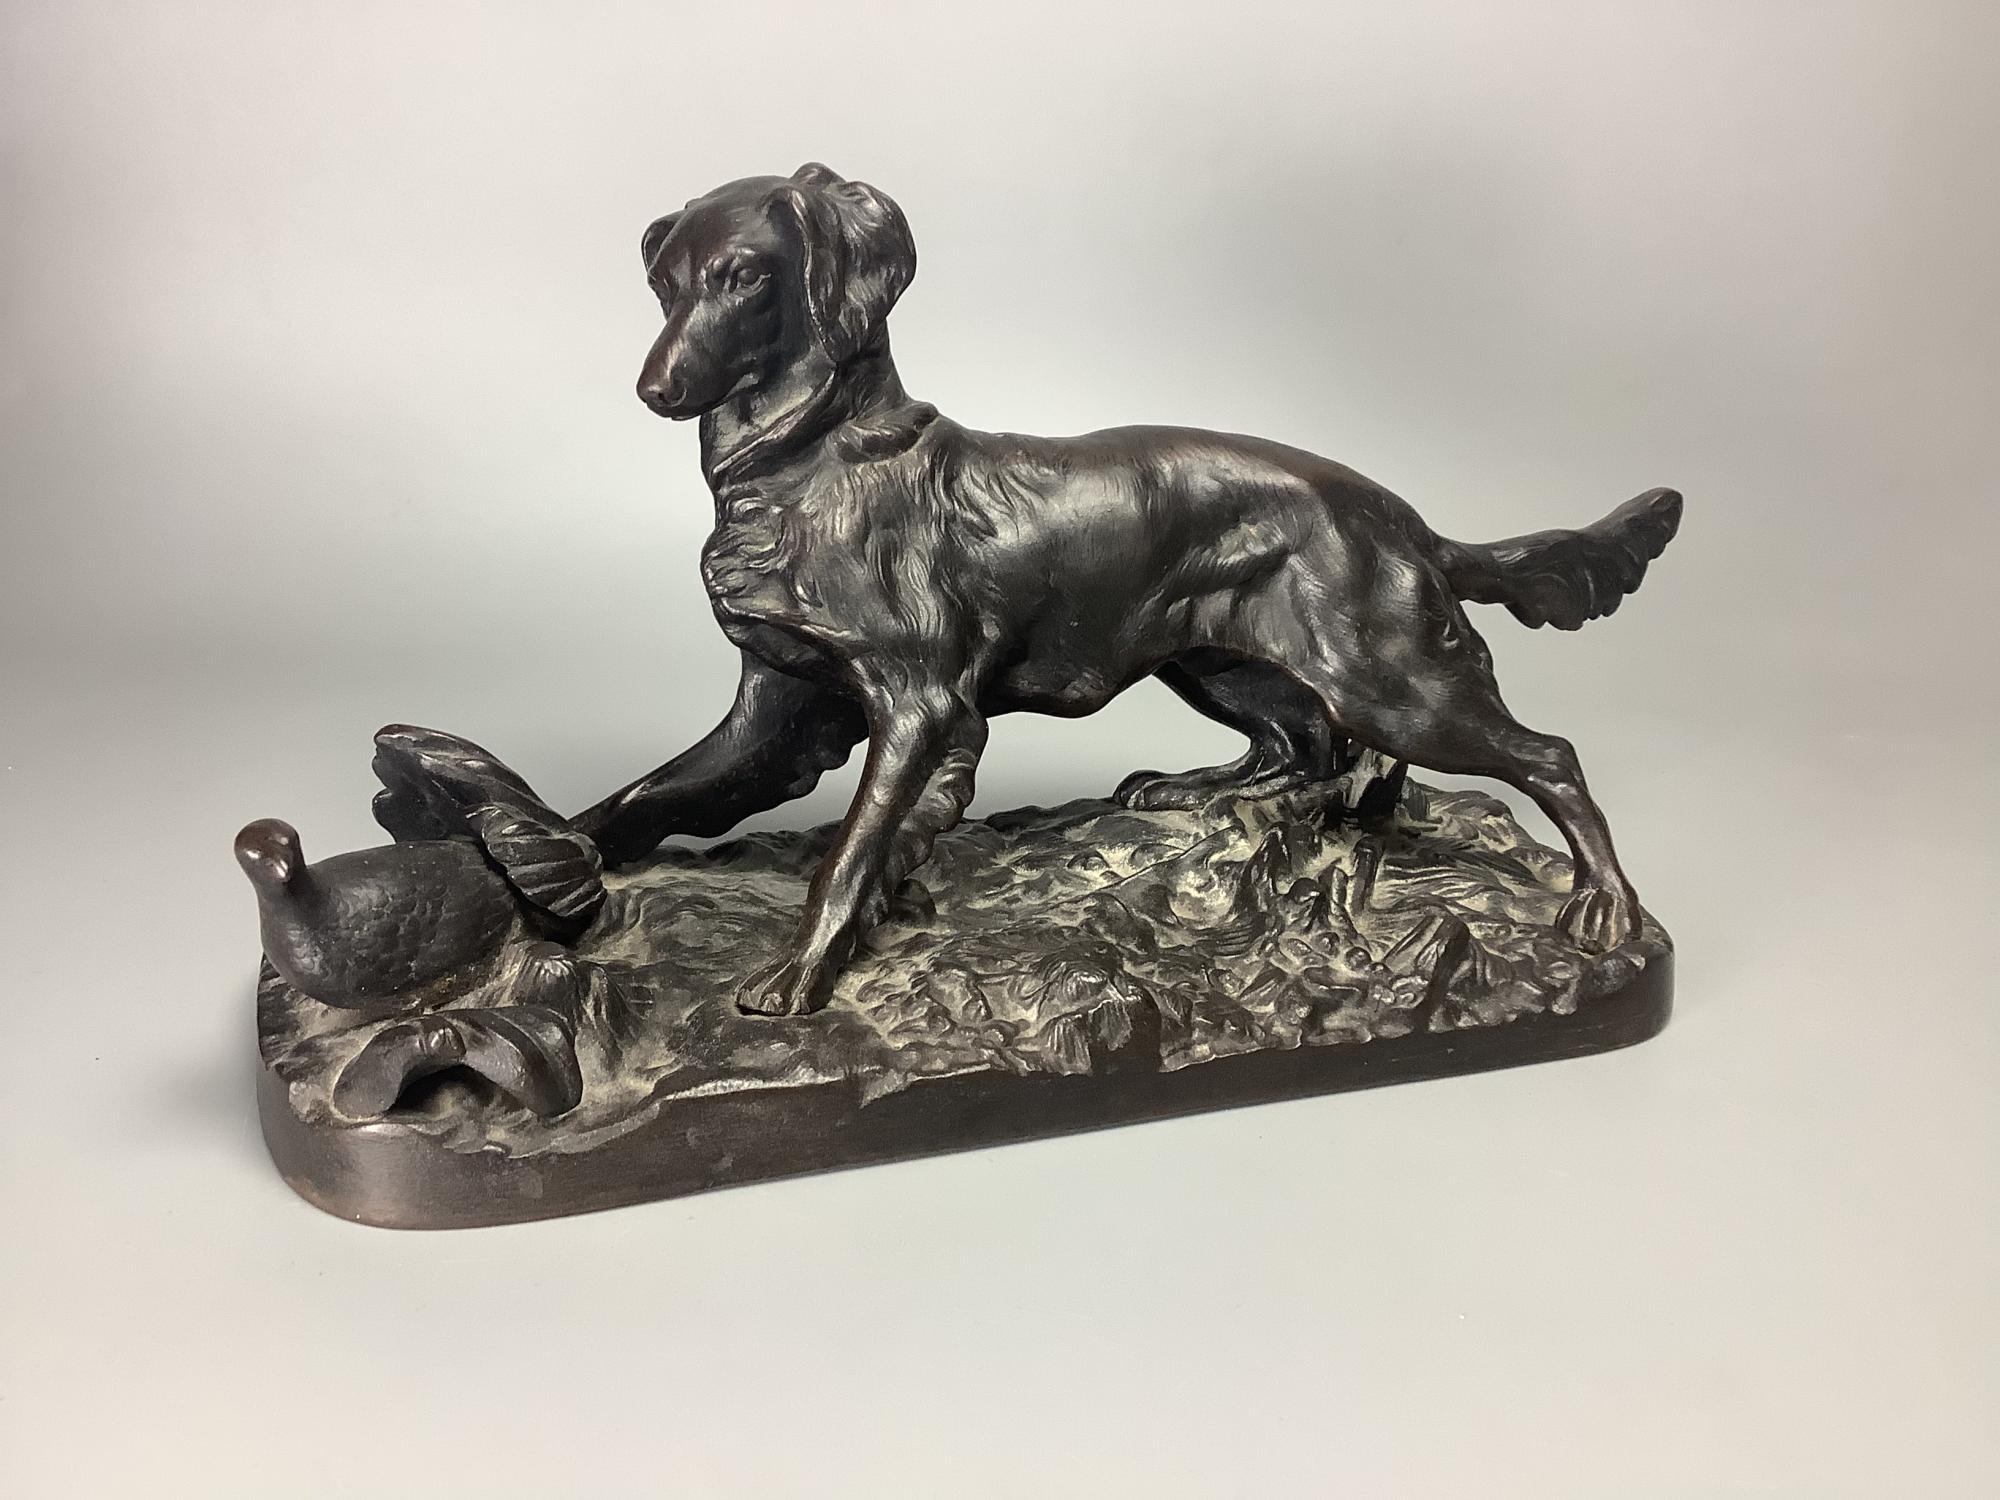 Статуэтка Охотничья собака Касли царизм